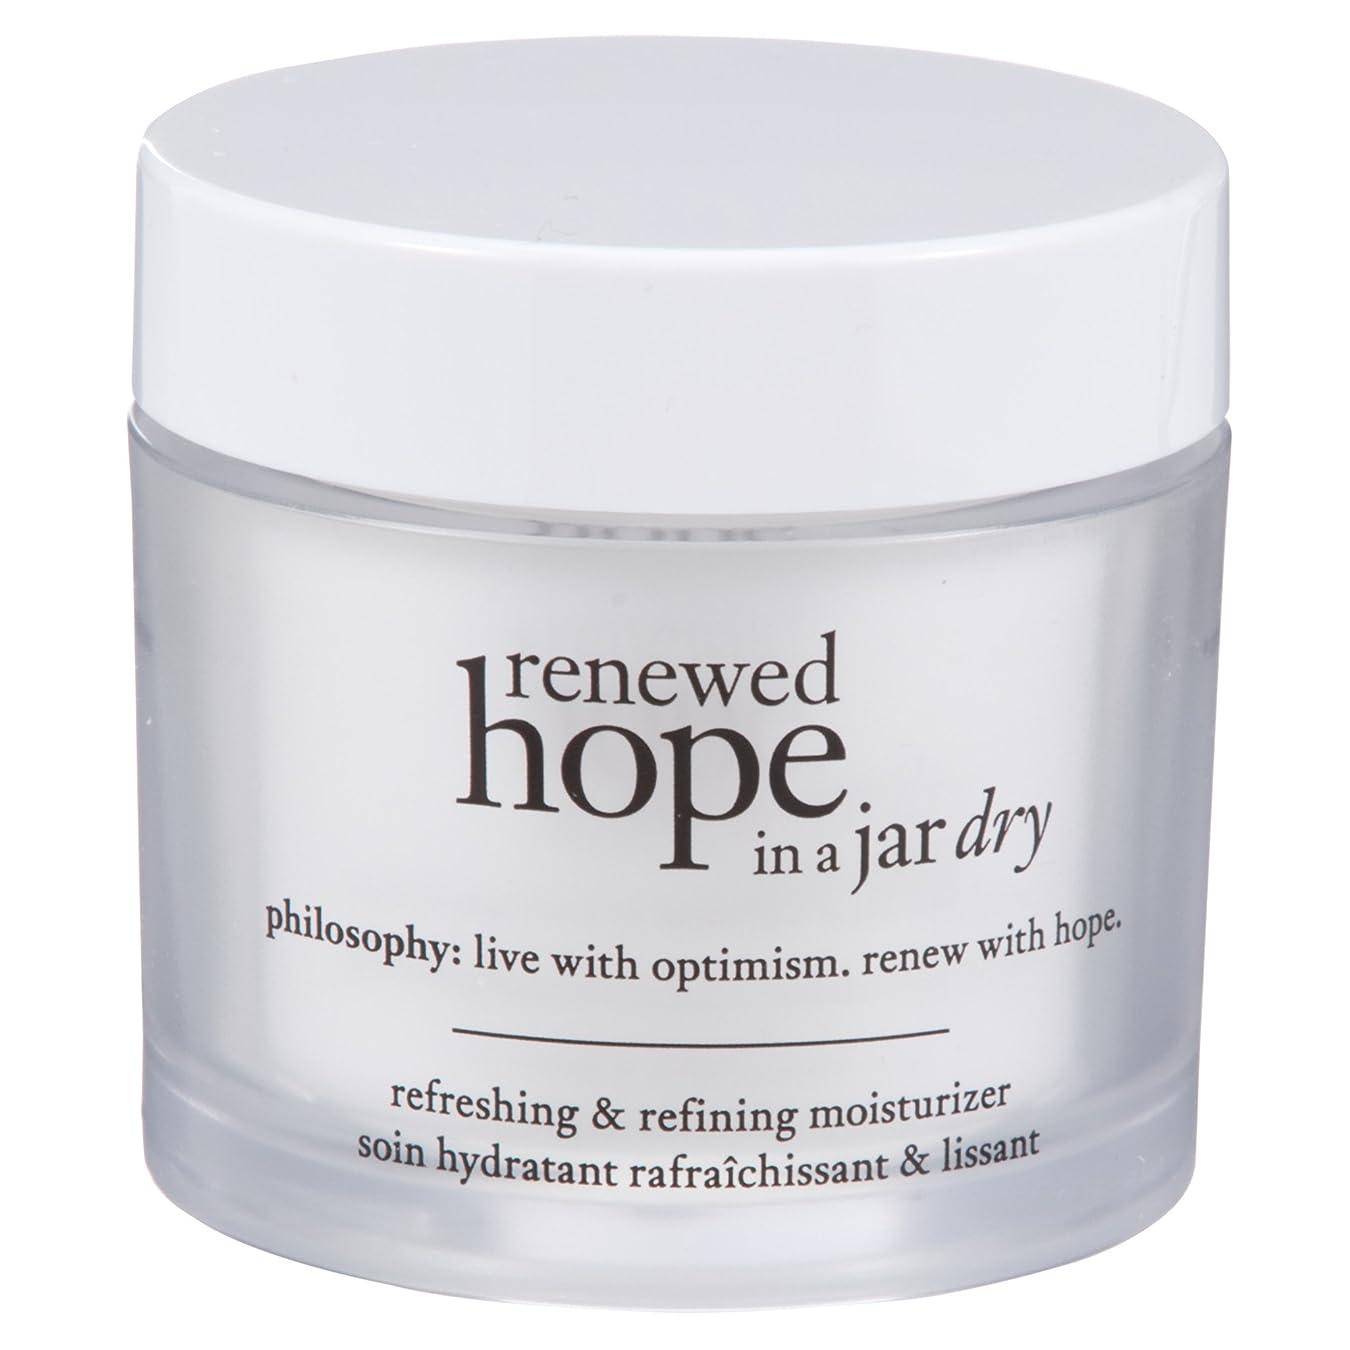 ホース慣習粒子瓶乾燥肌の保湿60ミリリットルで哲学新たな希望 (Philosophy) (x6) - Philosophy Renewed Hope in a Jar Dry Skin Moisturiser 60ml (Pack of 6) [並行輸入品]